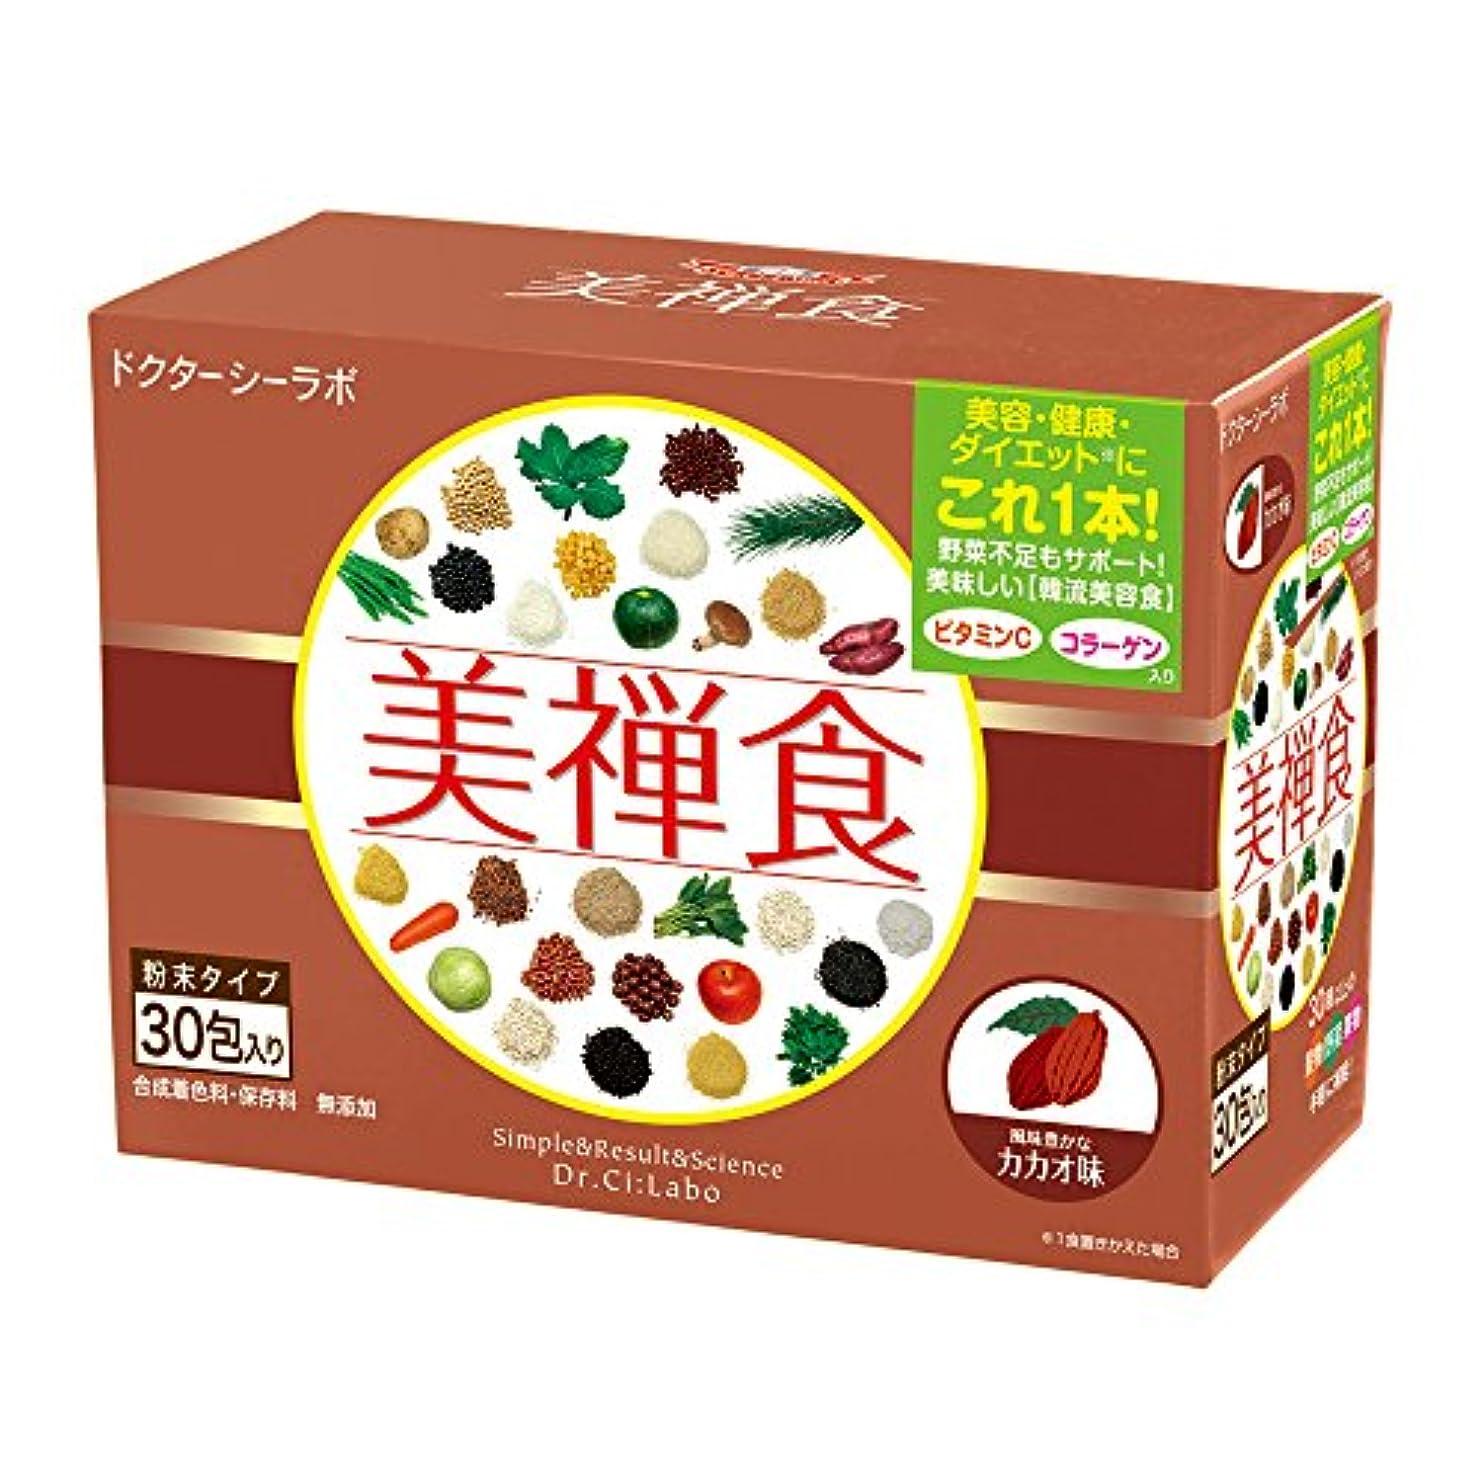 ましいましいファシズムドクターシーラボ 美禅食 カカオ味 462g(15.4g×30包) ダイエットシェイク